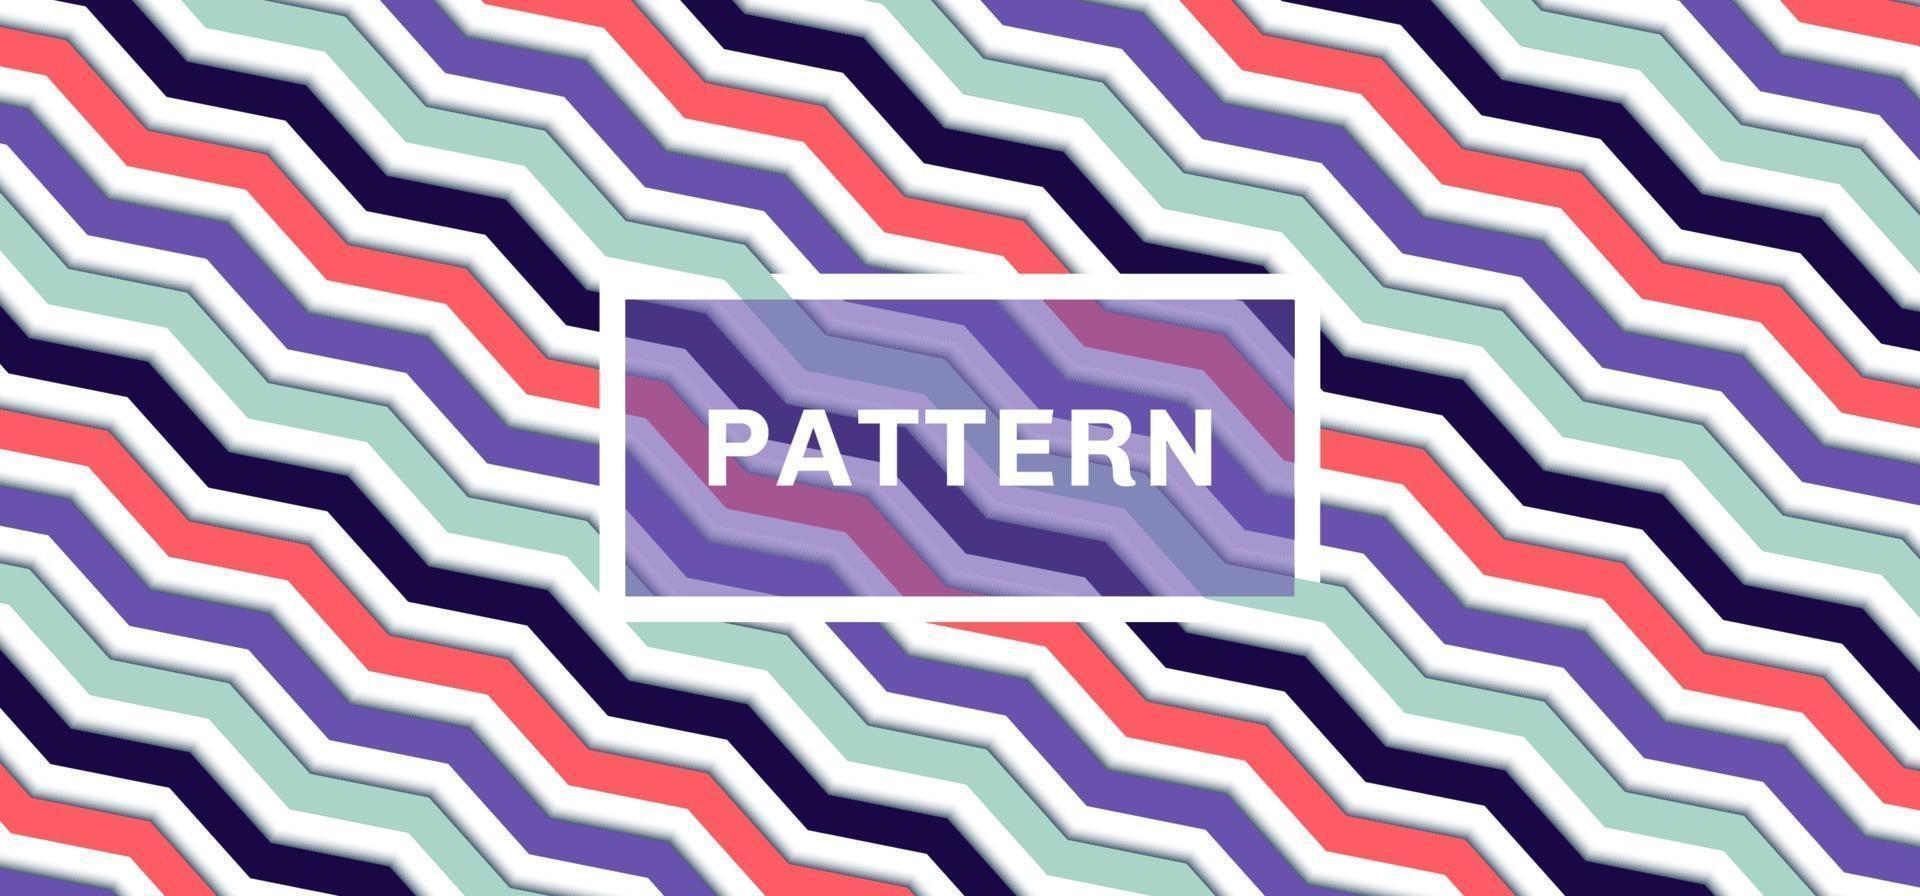 Fundo e textura do padrão de chevron 3D vetor